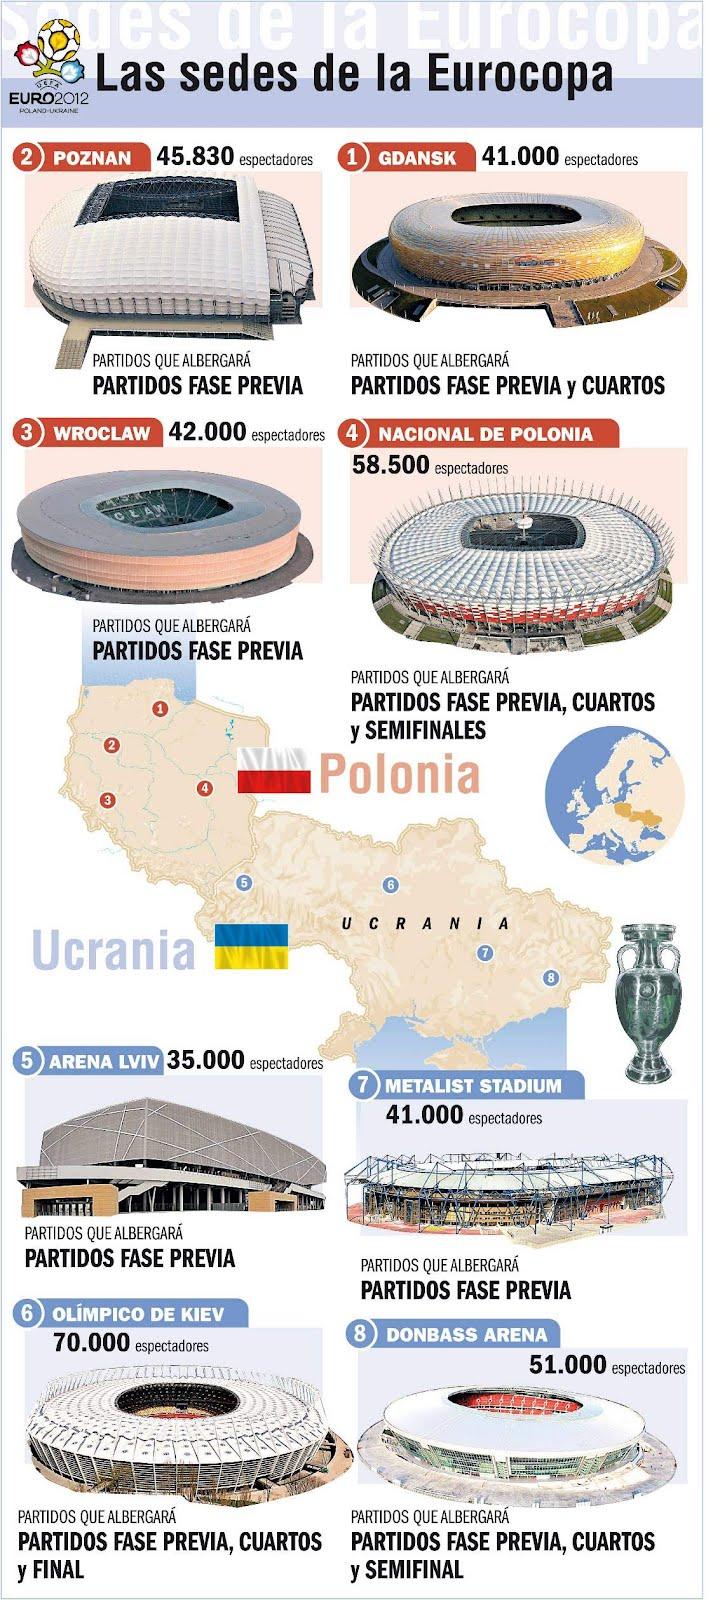 Estadios de la Eurocopa 2012